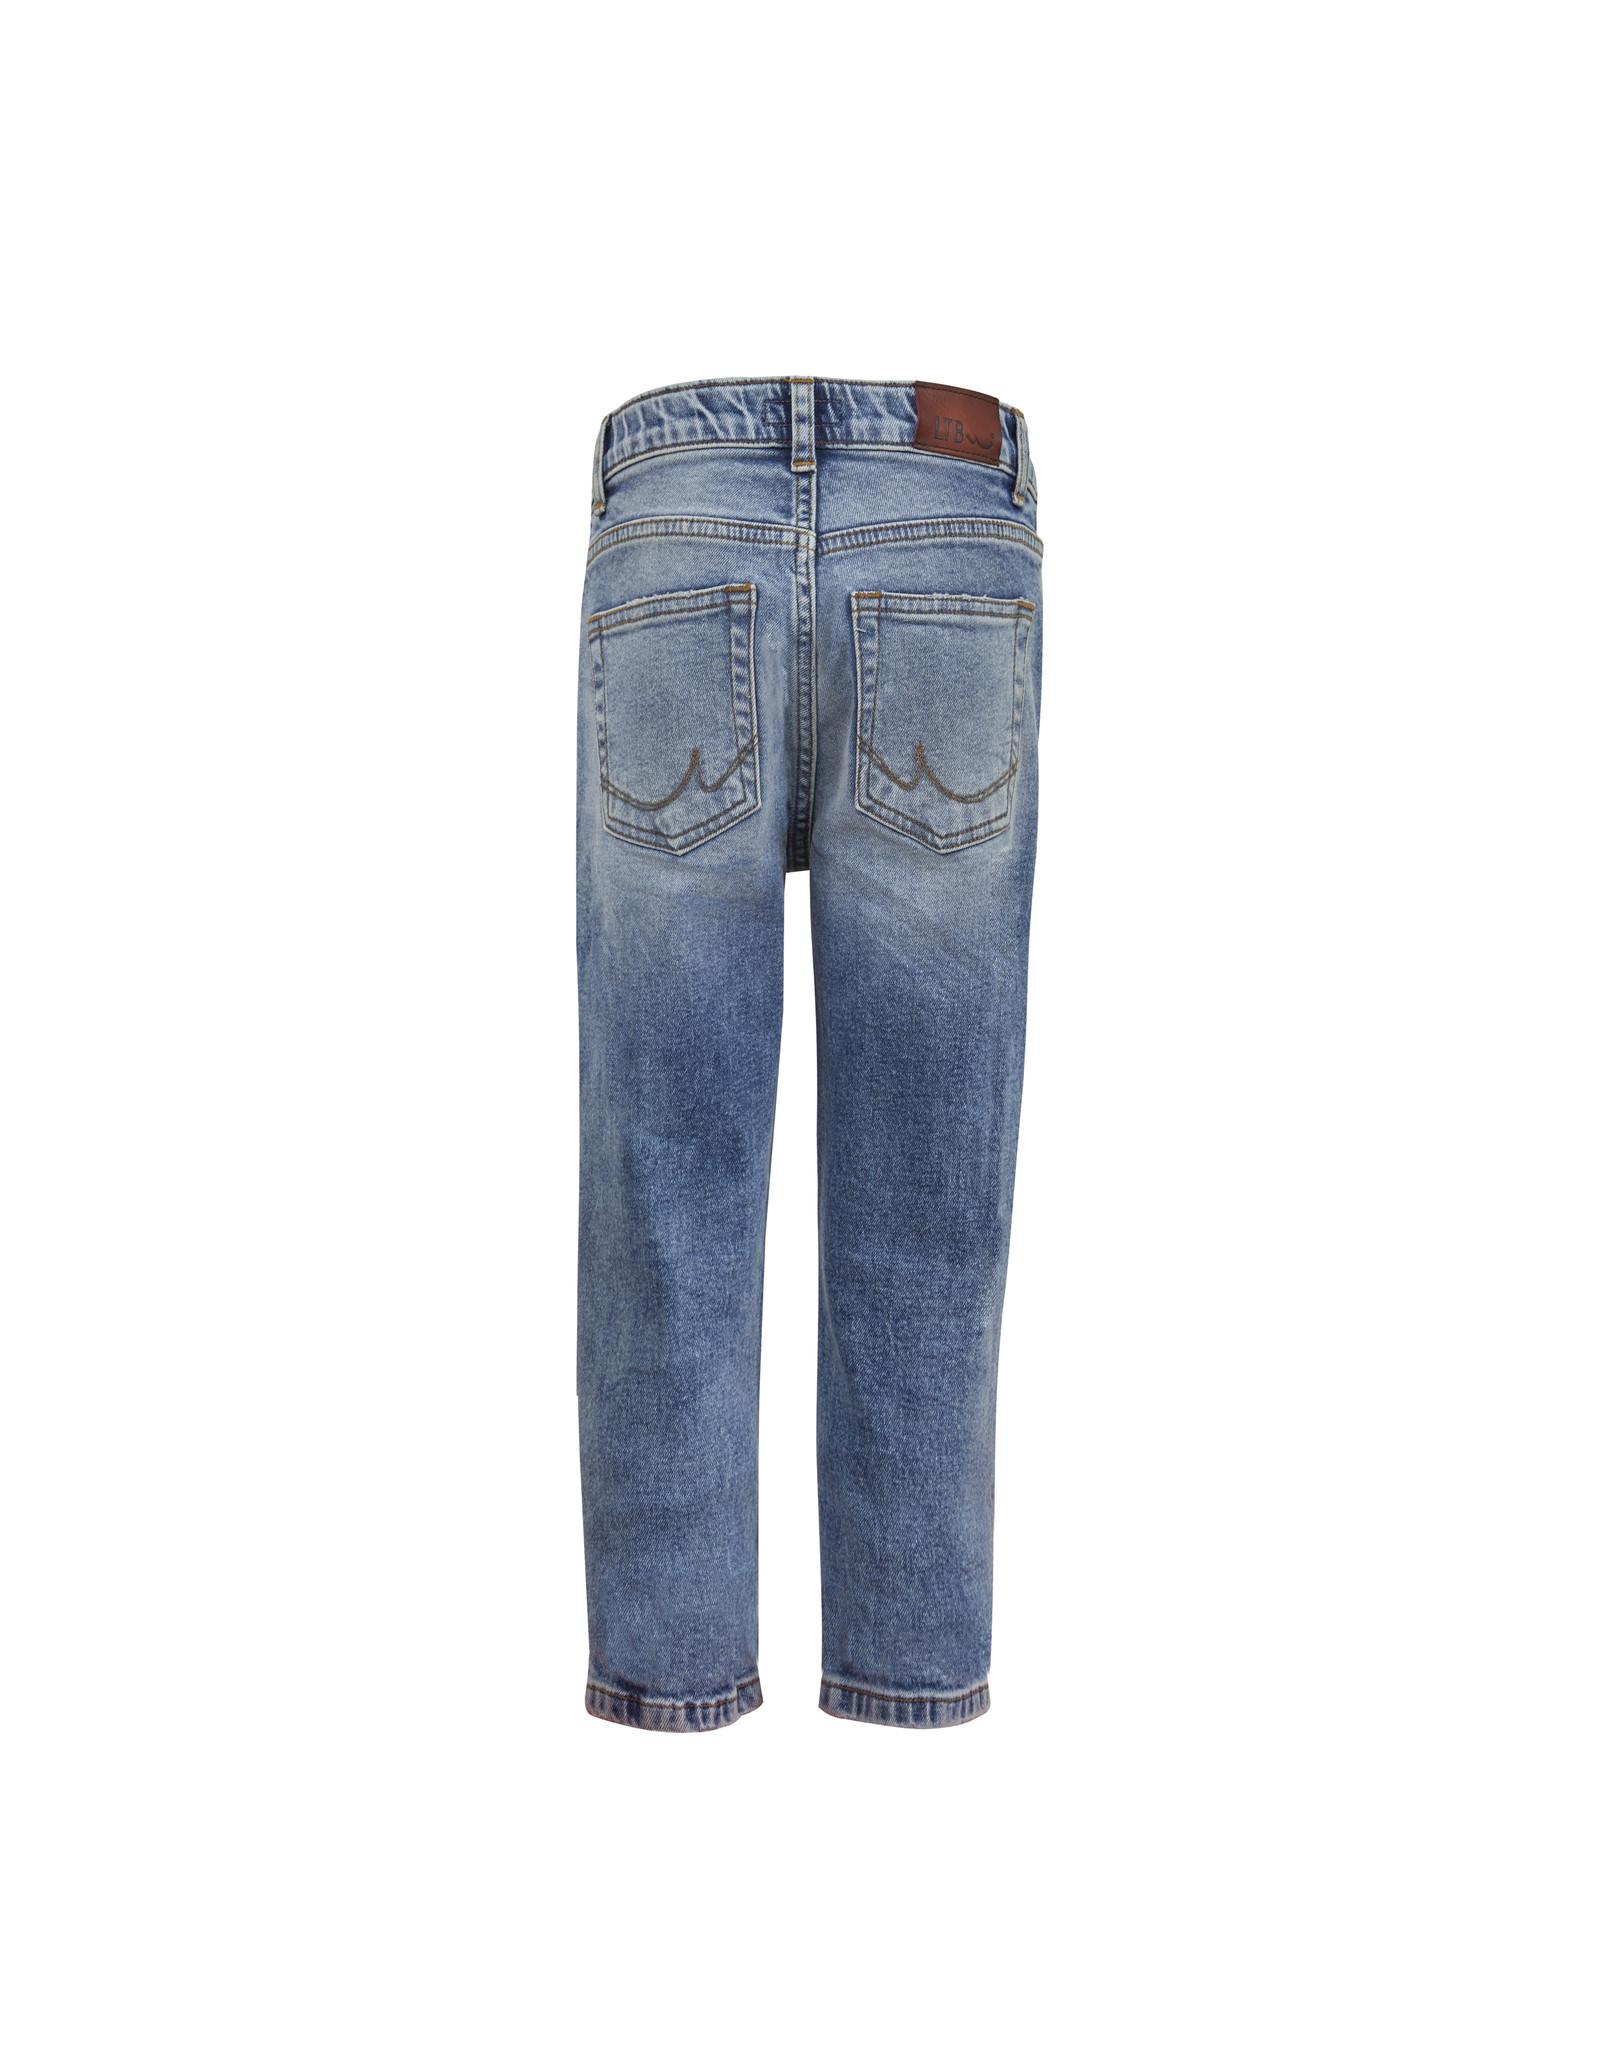 LTB Jeans LTB meisjes jeans Eliana Gaura wash